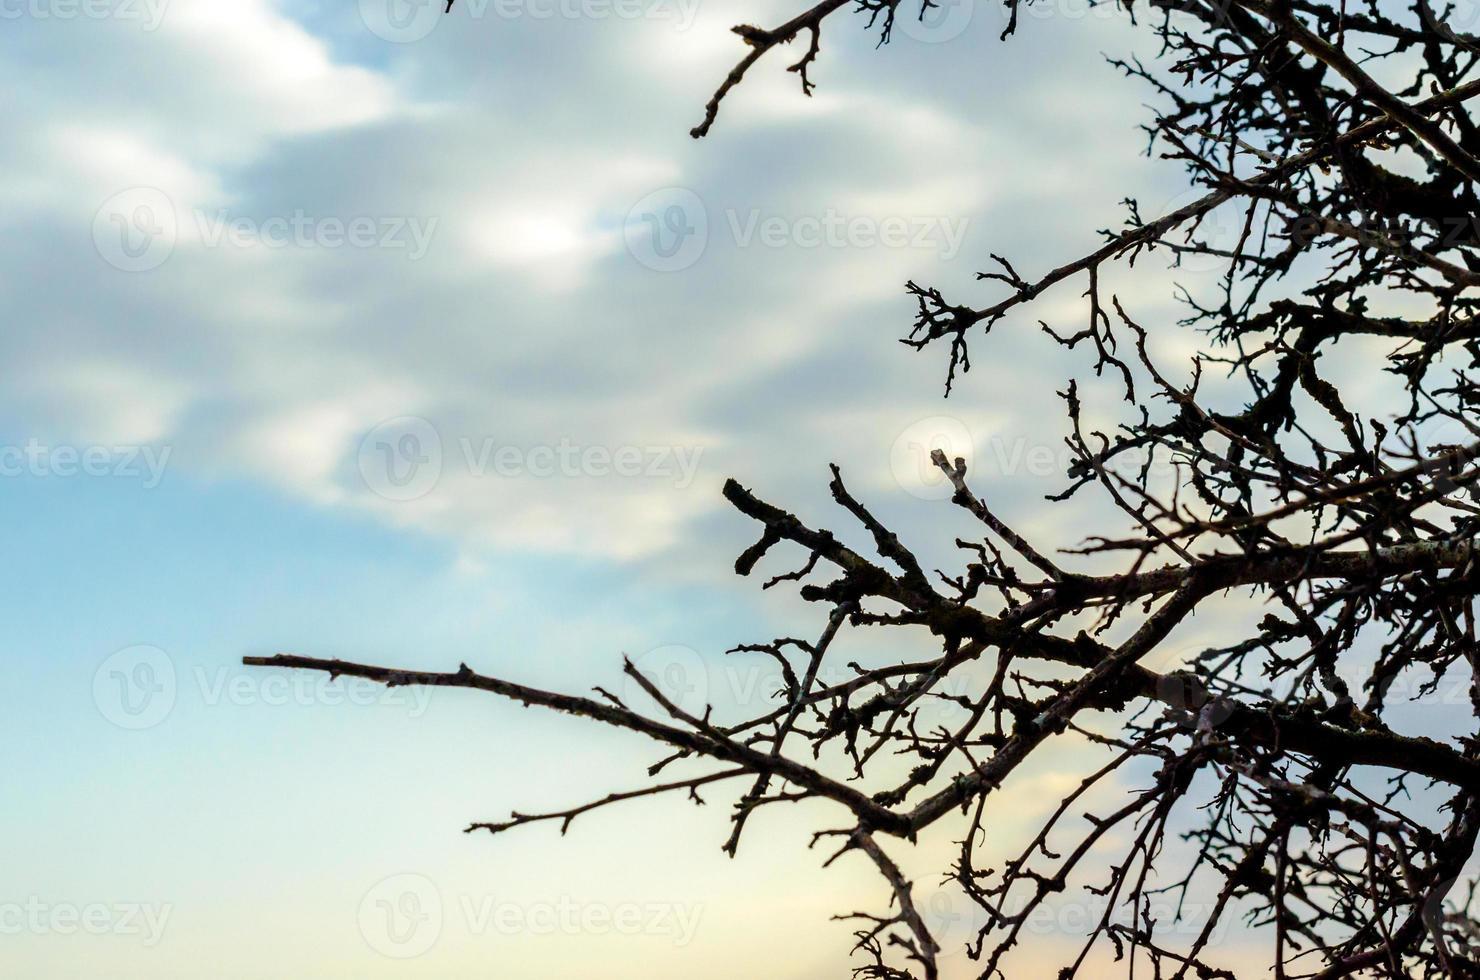 Zweige gegen einen blauen Himmel mit Wolken foto